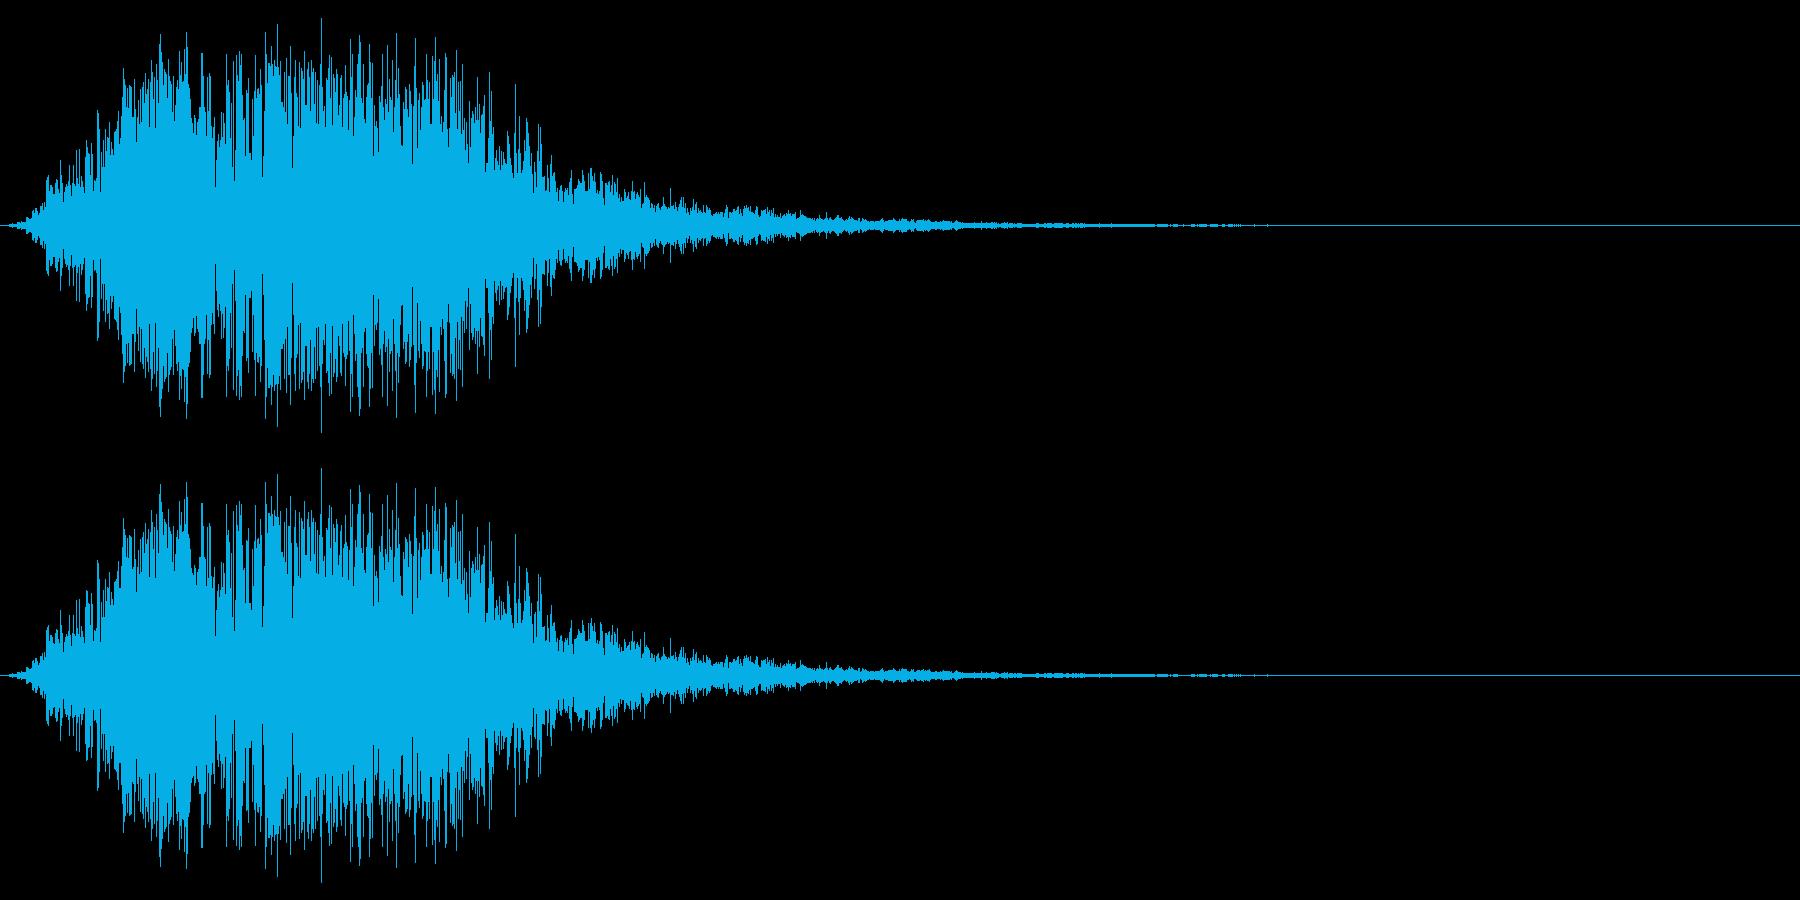 触手のイメージ(ボワゥシュシュ……)の再生済みの波形